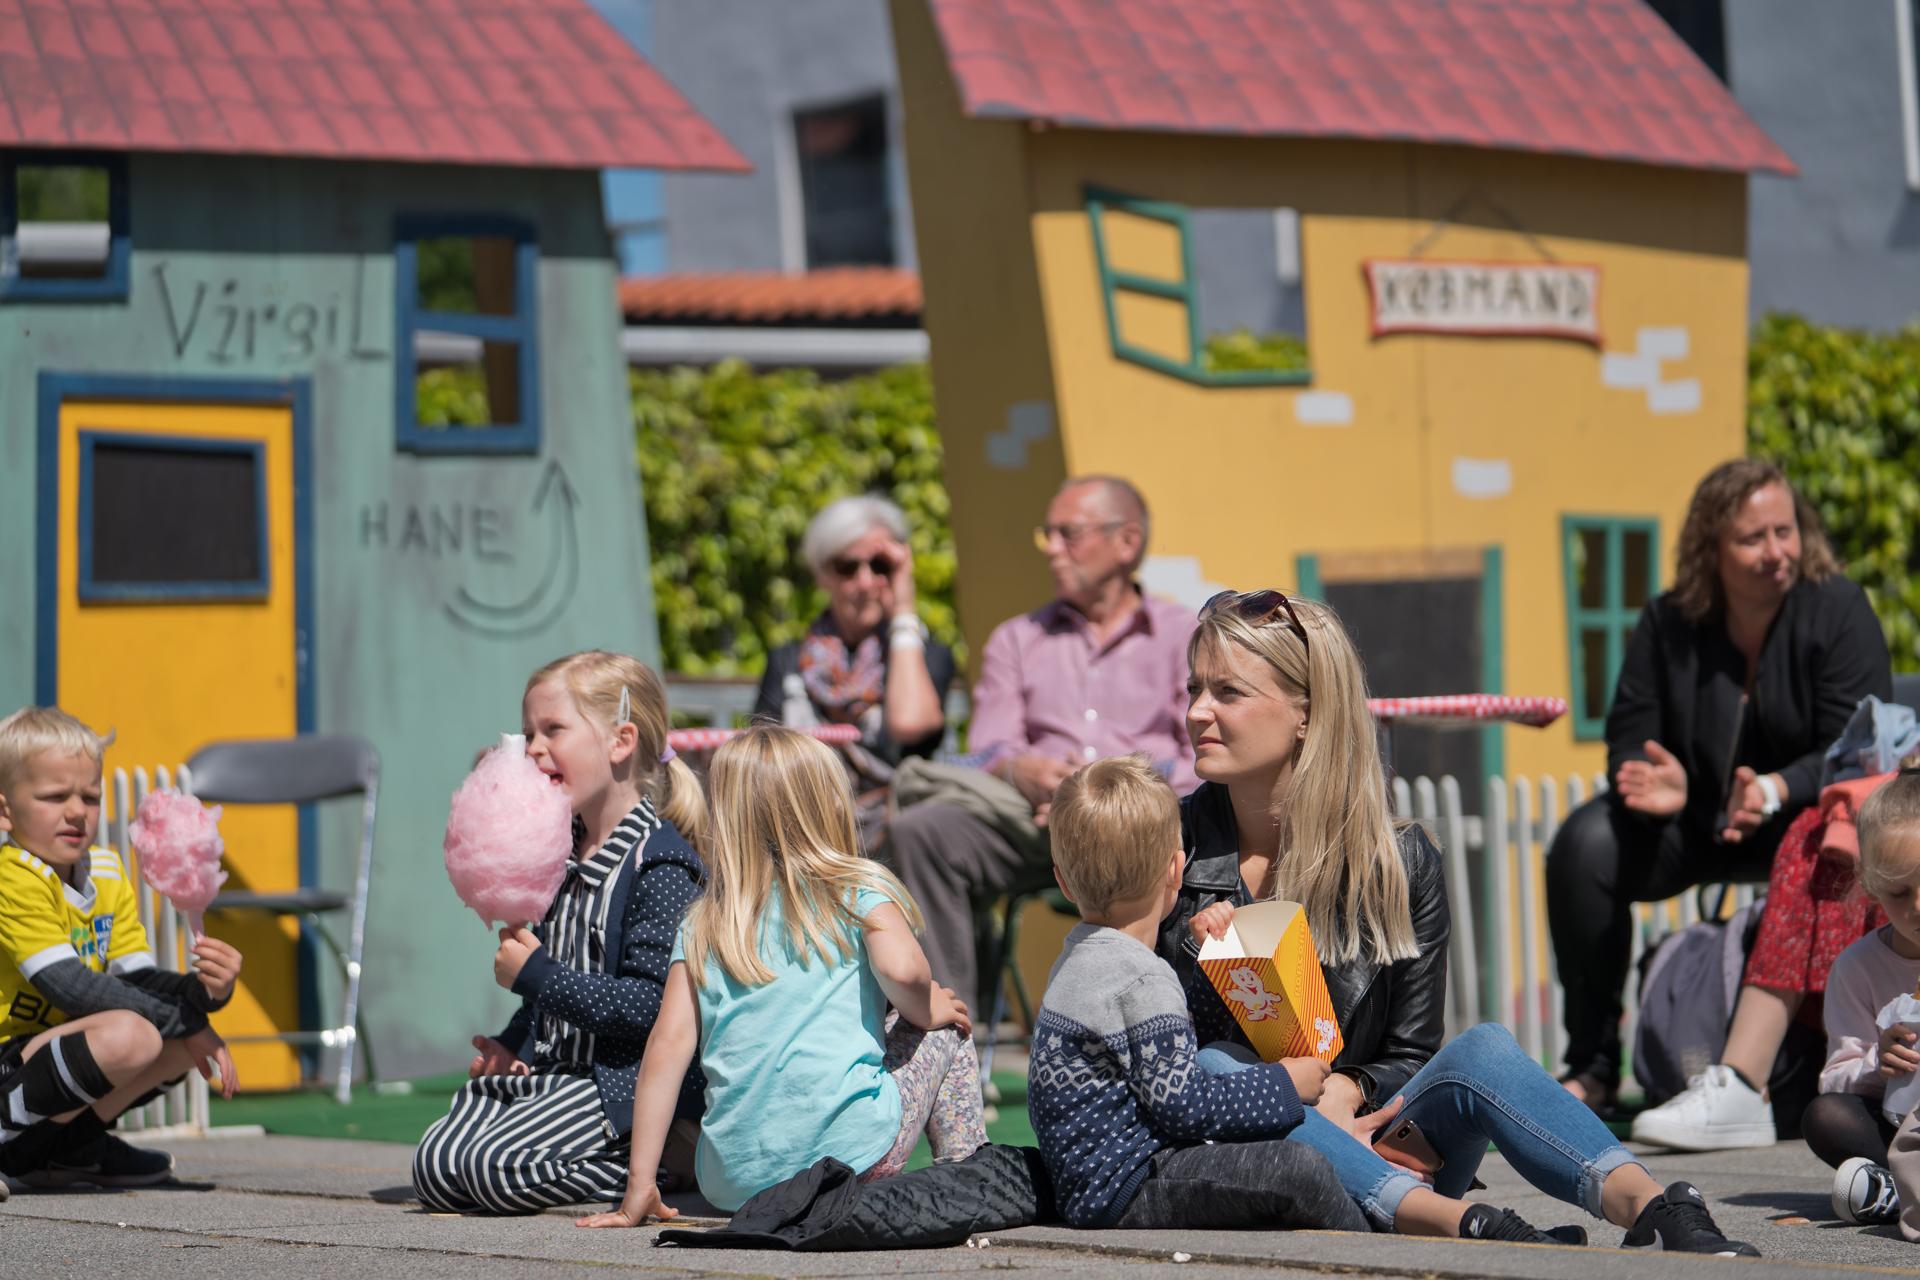 Sløngeldage lørdag - web - Fotograf Per Bille-20190525-04592.jpg